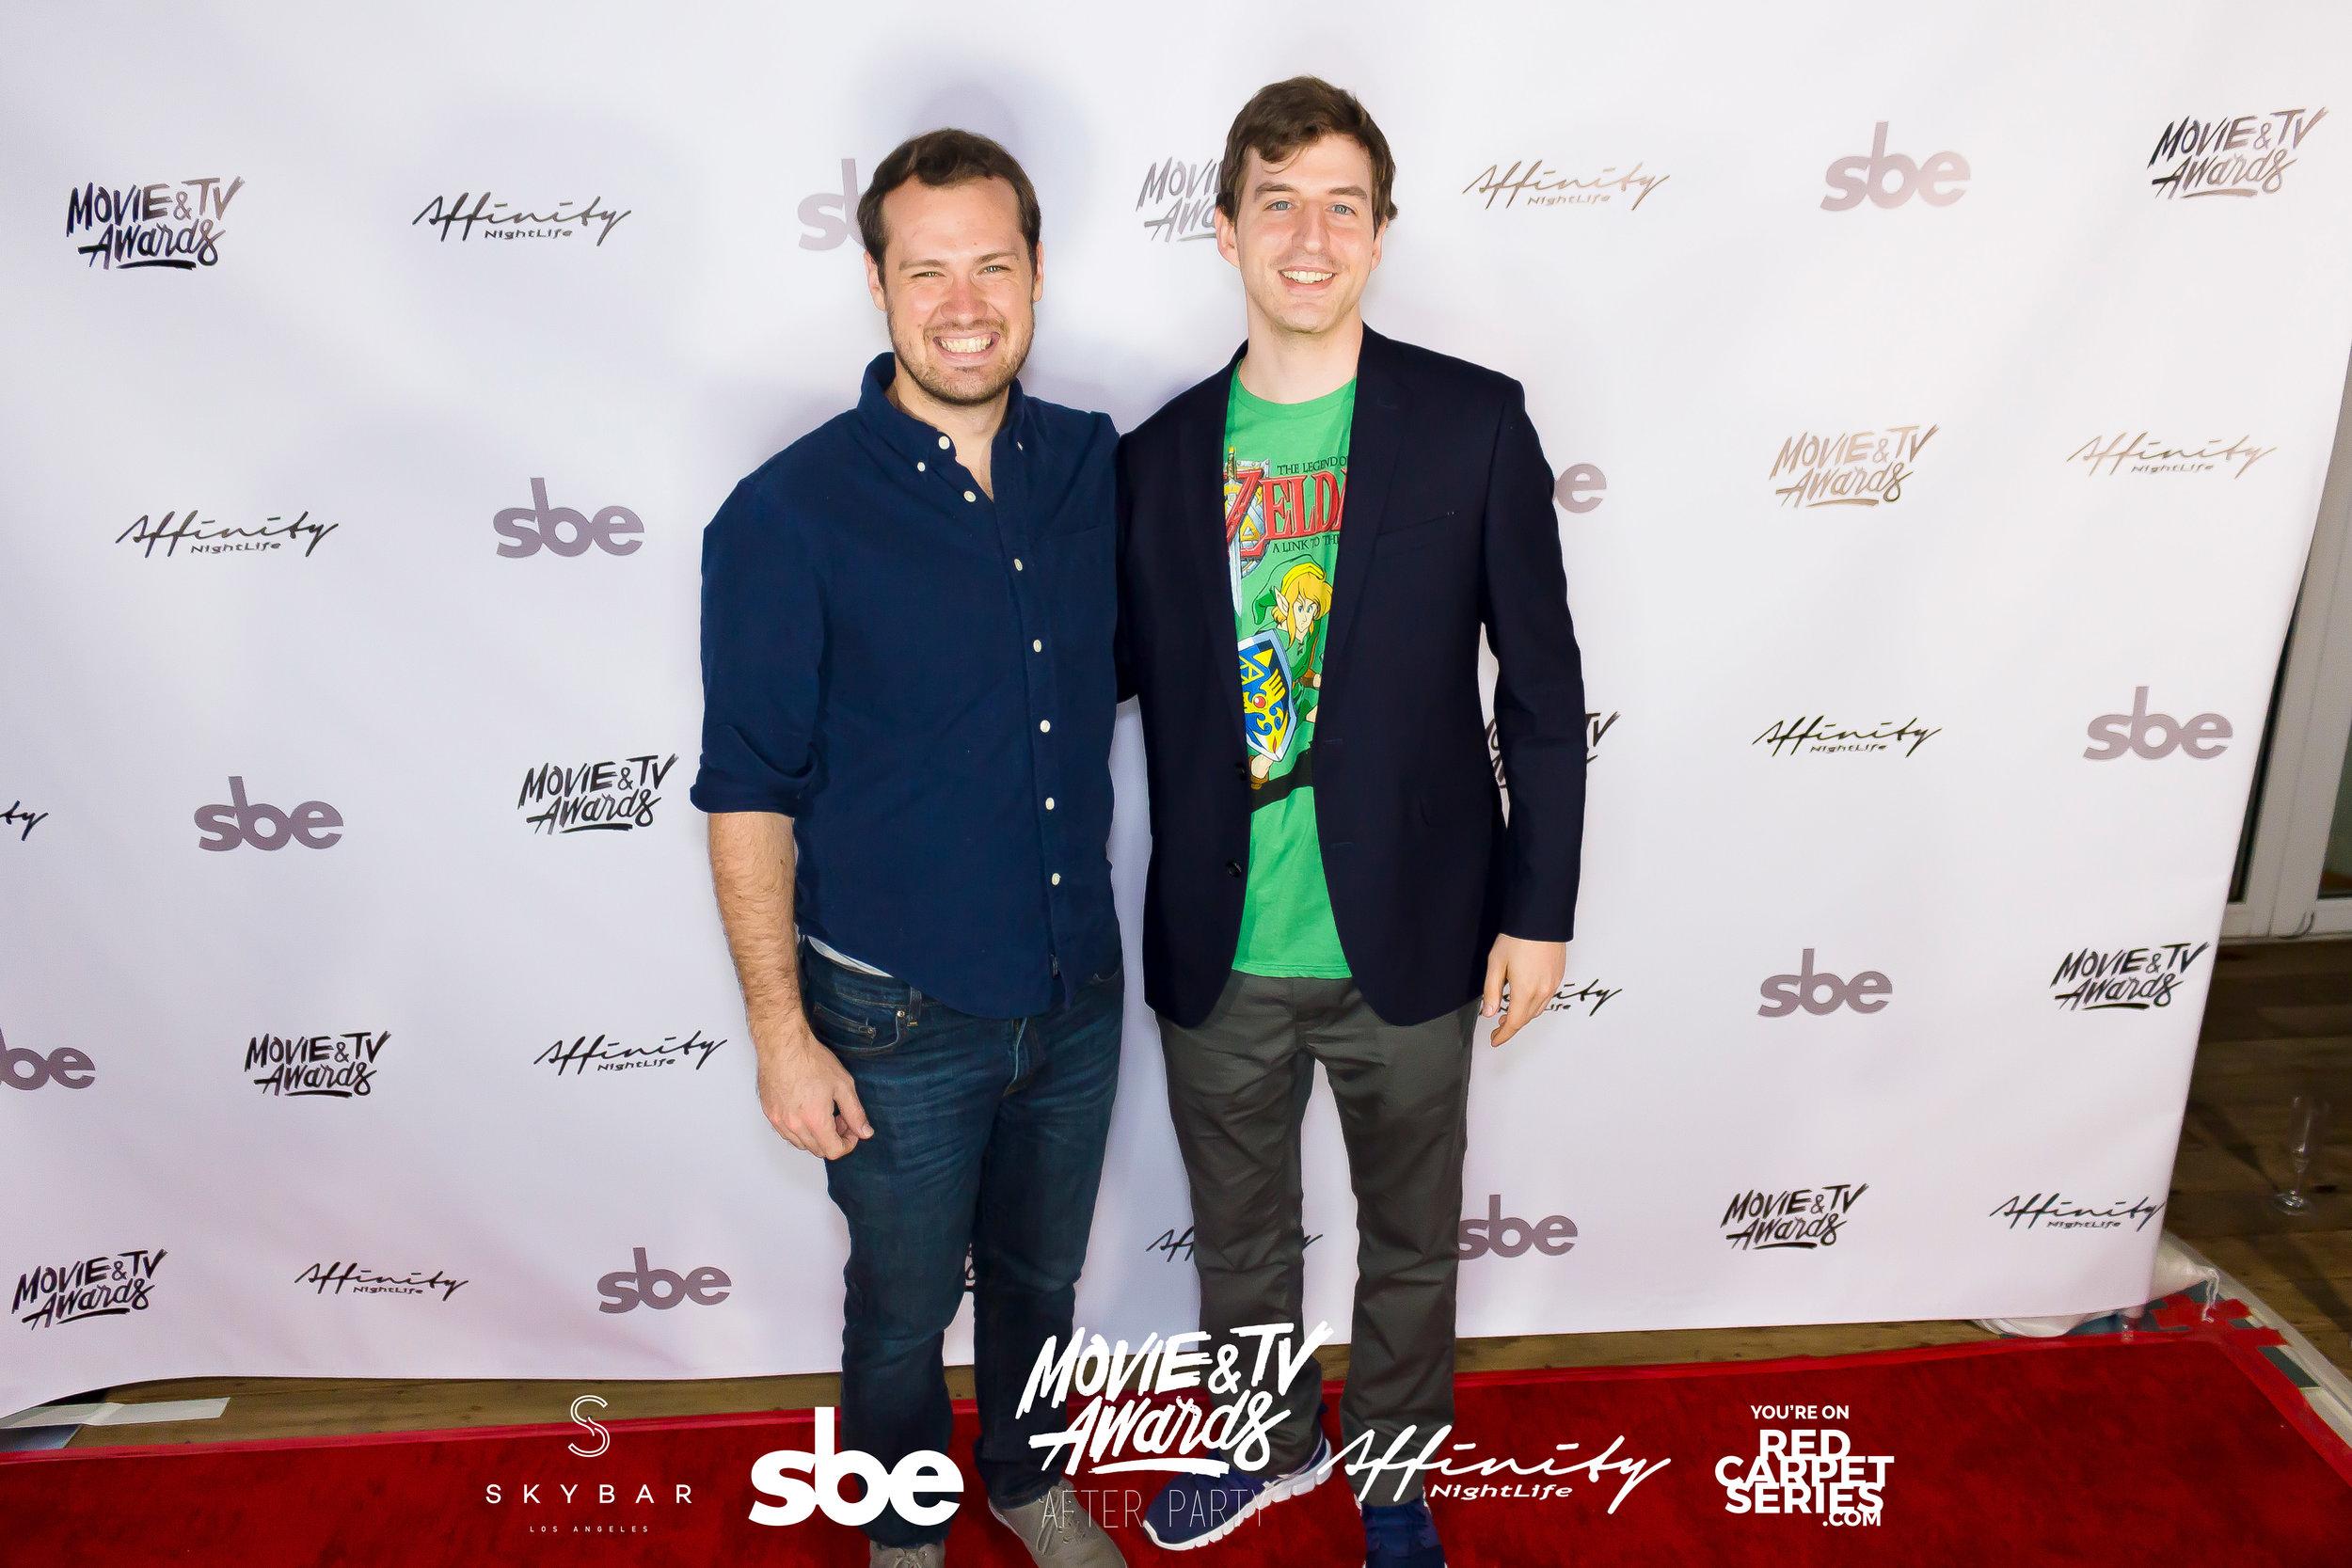 Affinity Nightlife MTV Movie & TV Awards After Party - Skybar at Mondrian - 06-15-19 - Vol. 2_83.jpg